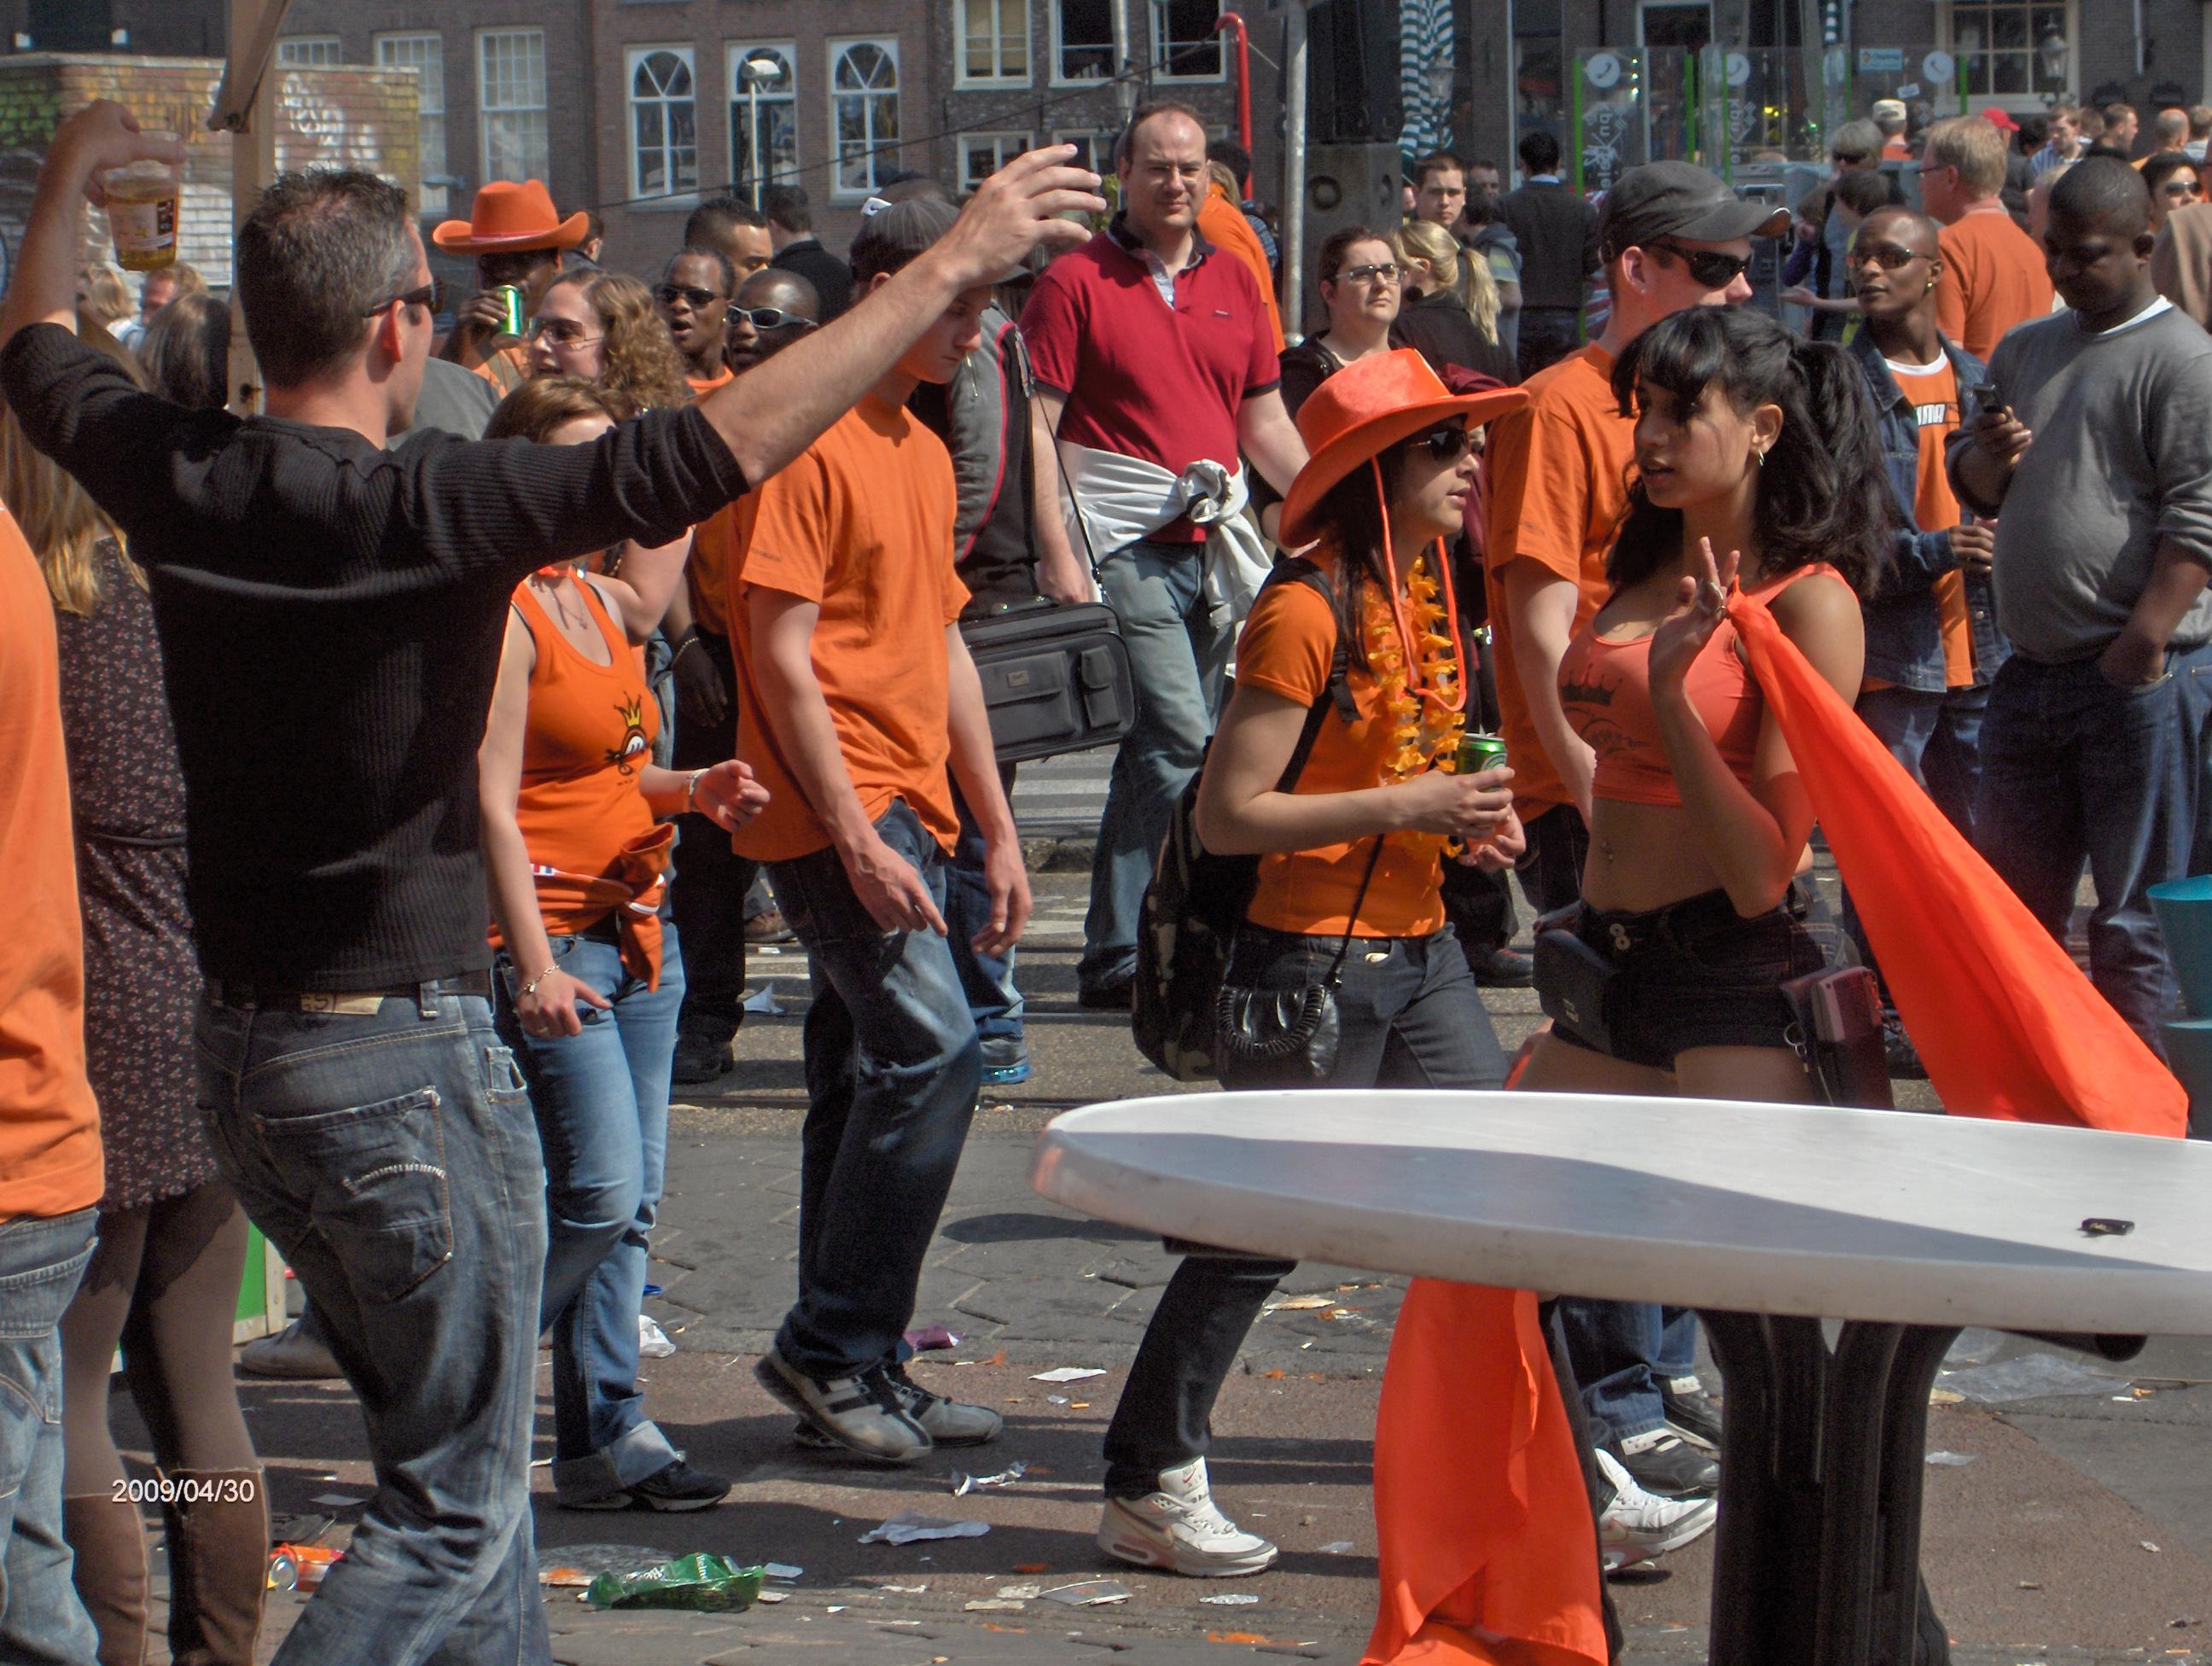 Amsterdam Aprile 09, il viaggio di Piero. Imprevisti ma anche tanto arancione